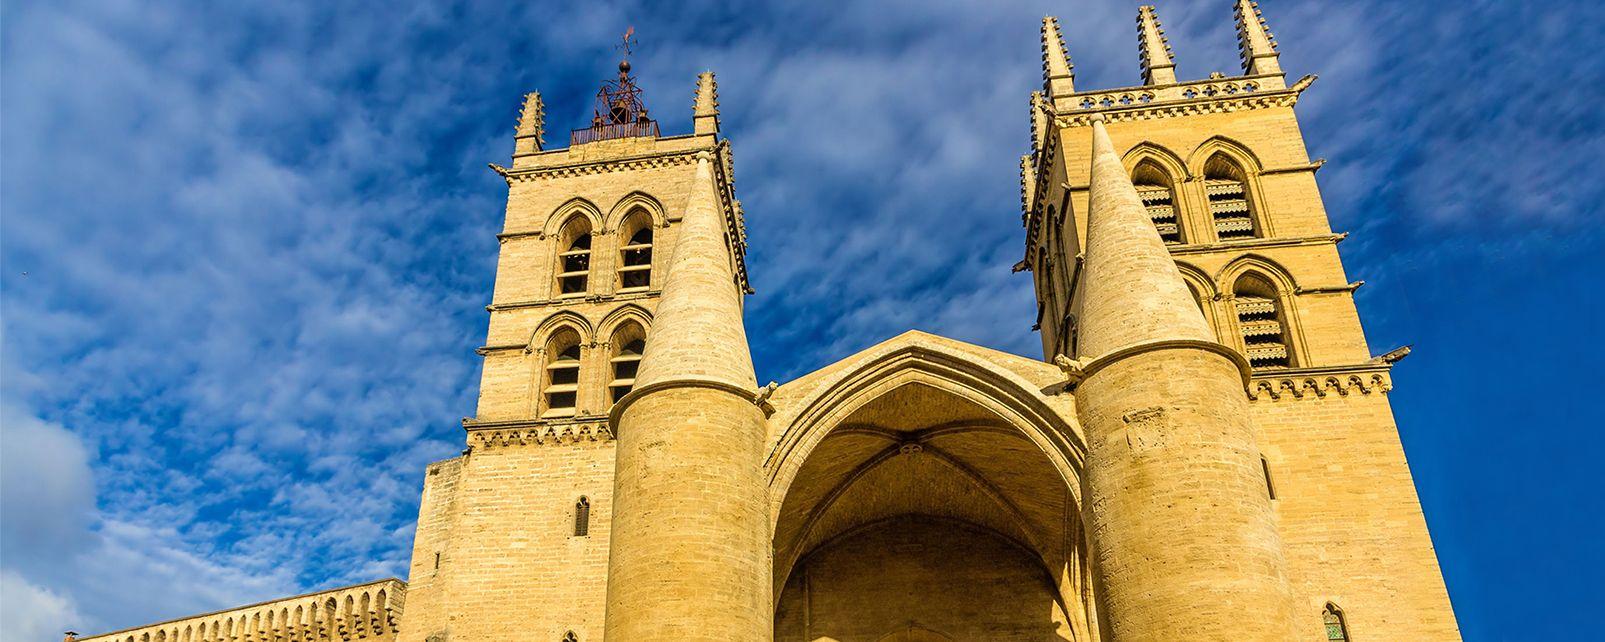 La cattedrale di san pietro di montpellier linguadoca for Montpellier citta